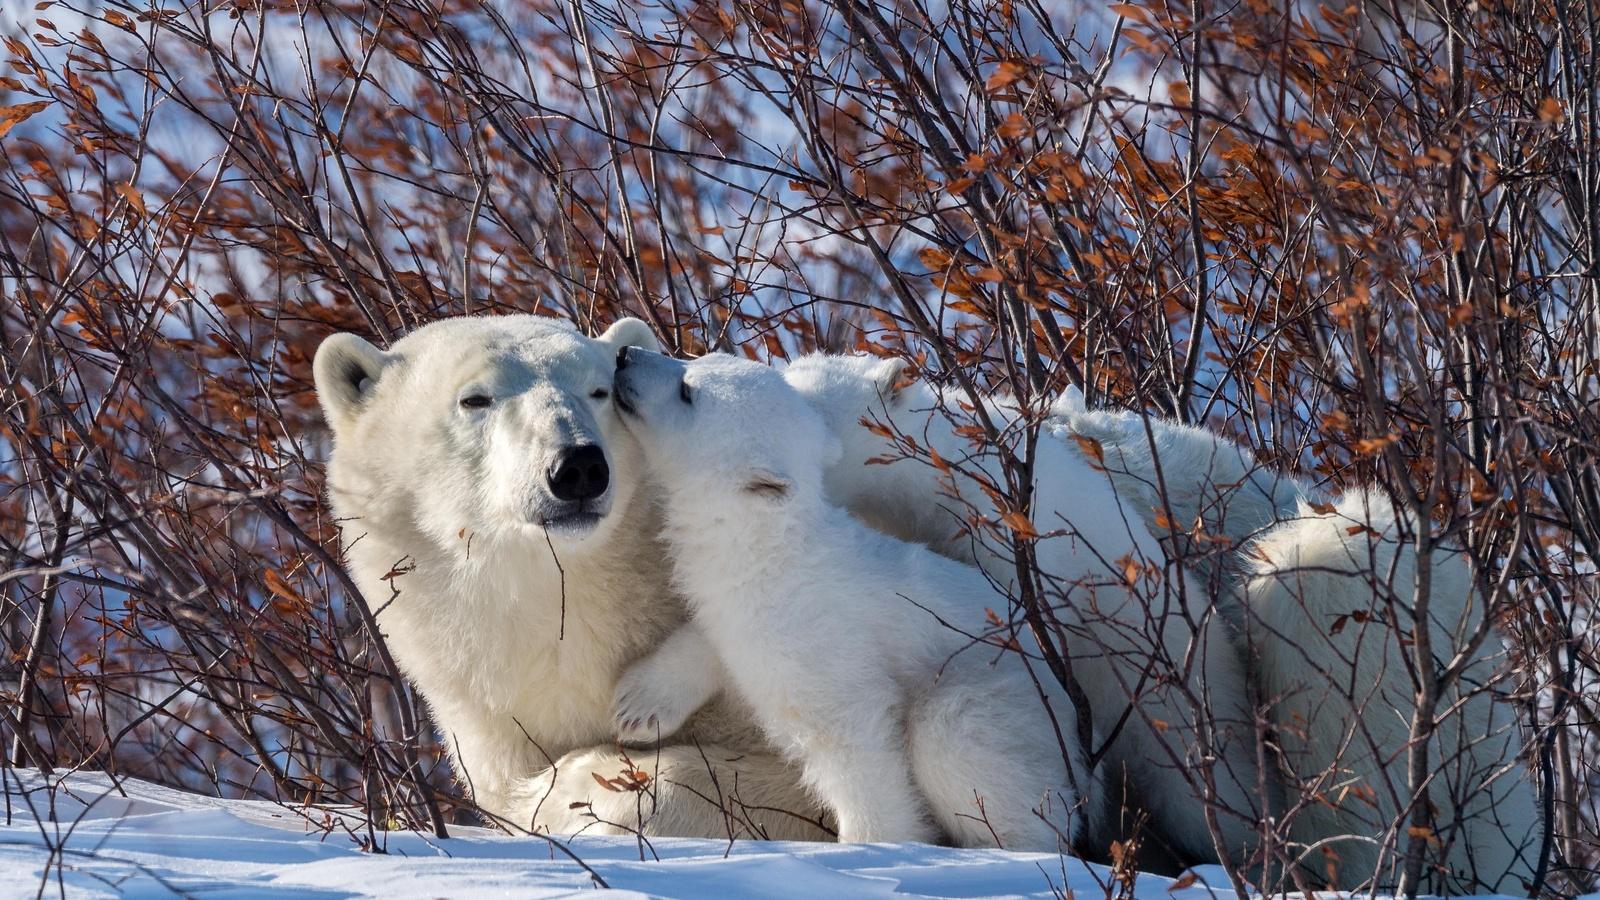 зима, животные, снег, природа, хищники, медведи, медвежонок, детёныш, кусты, белые медведи, медведица